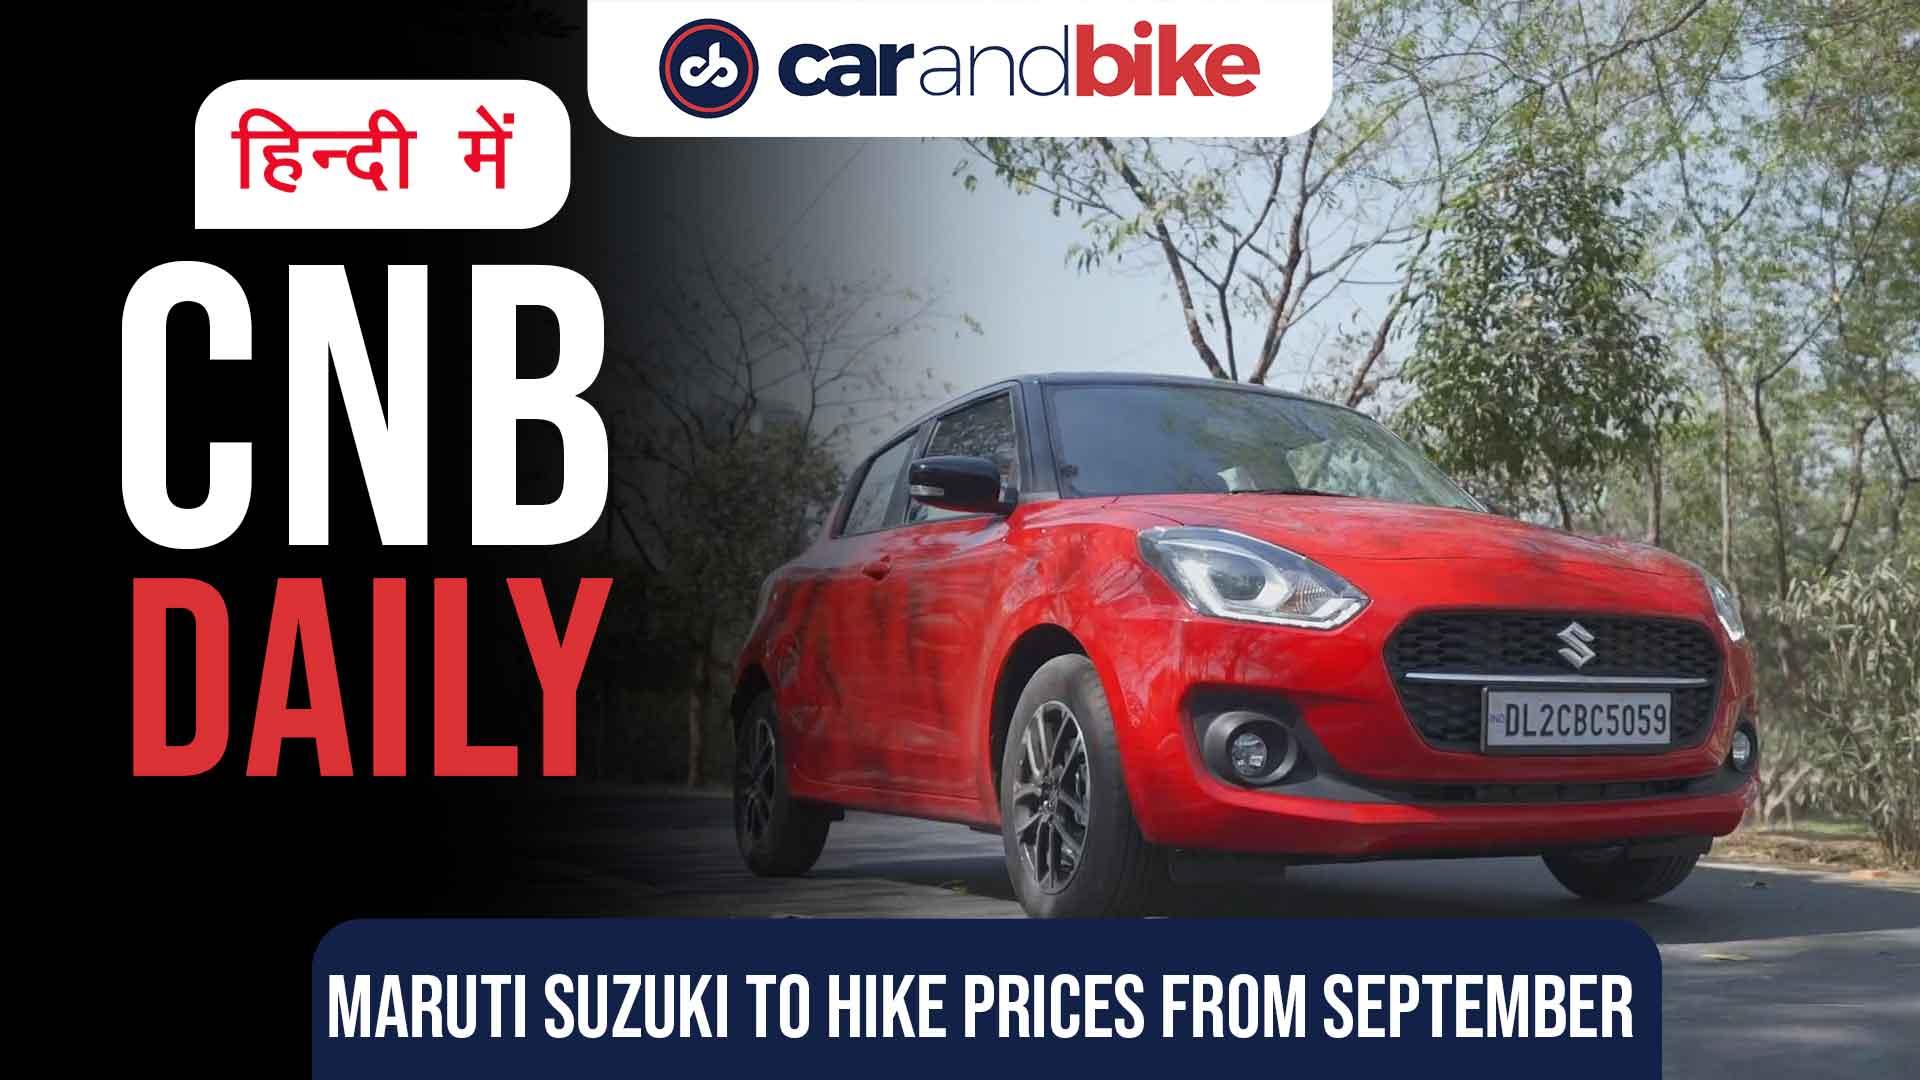 मारुति सुज़ुकी सितंबर से कारों की कीमतों में करेगी बढ़ोतरी